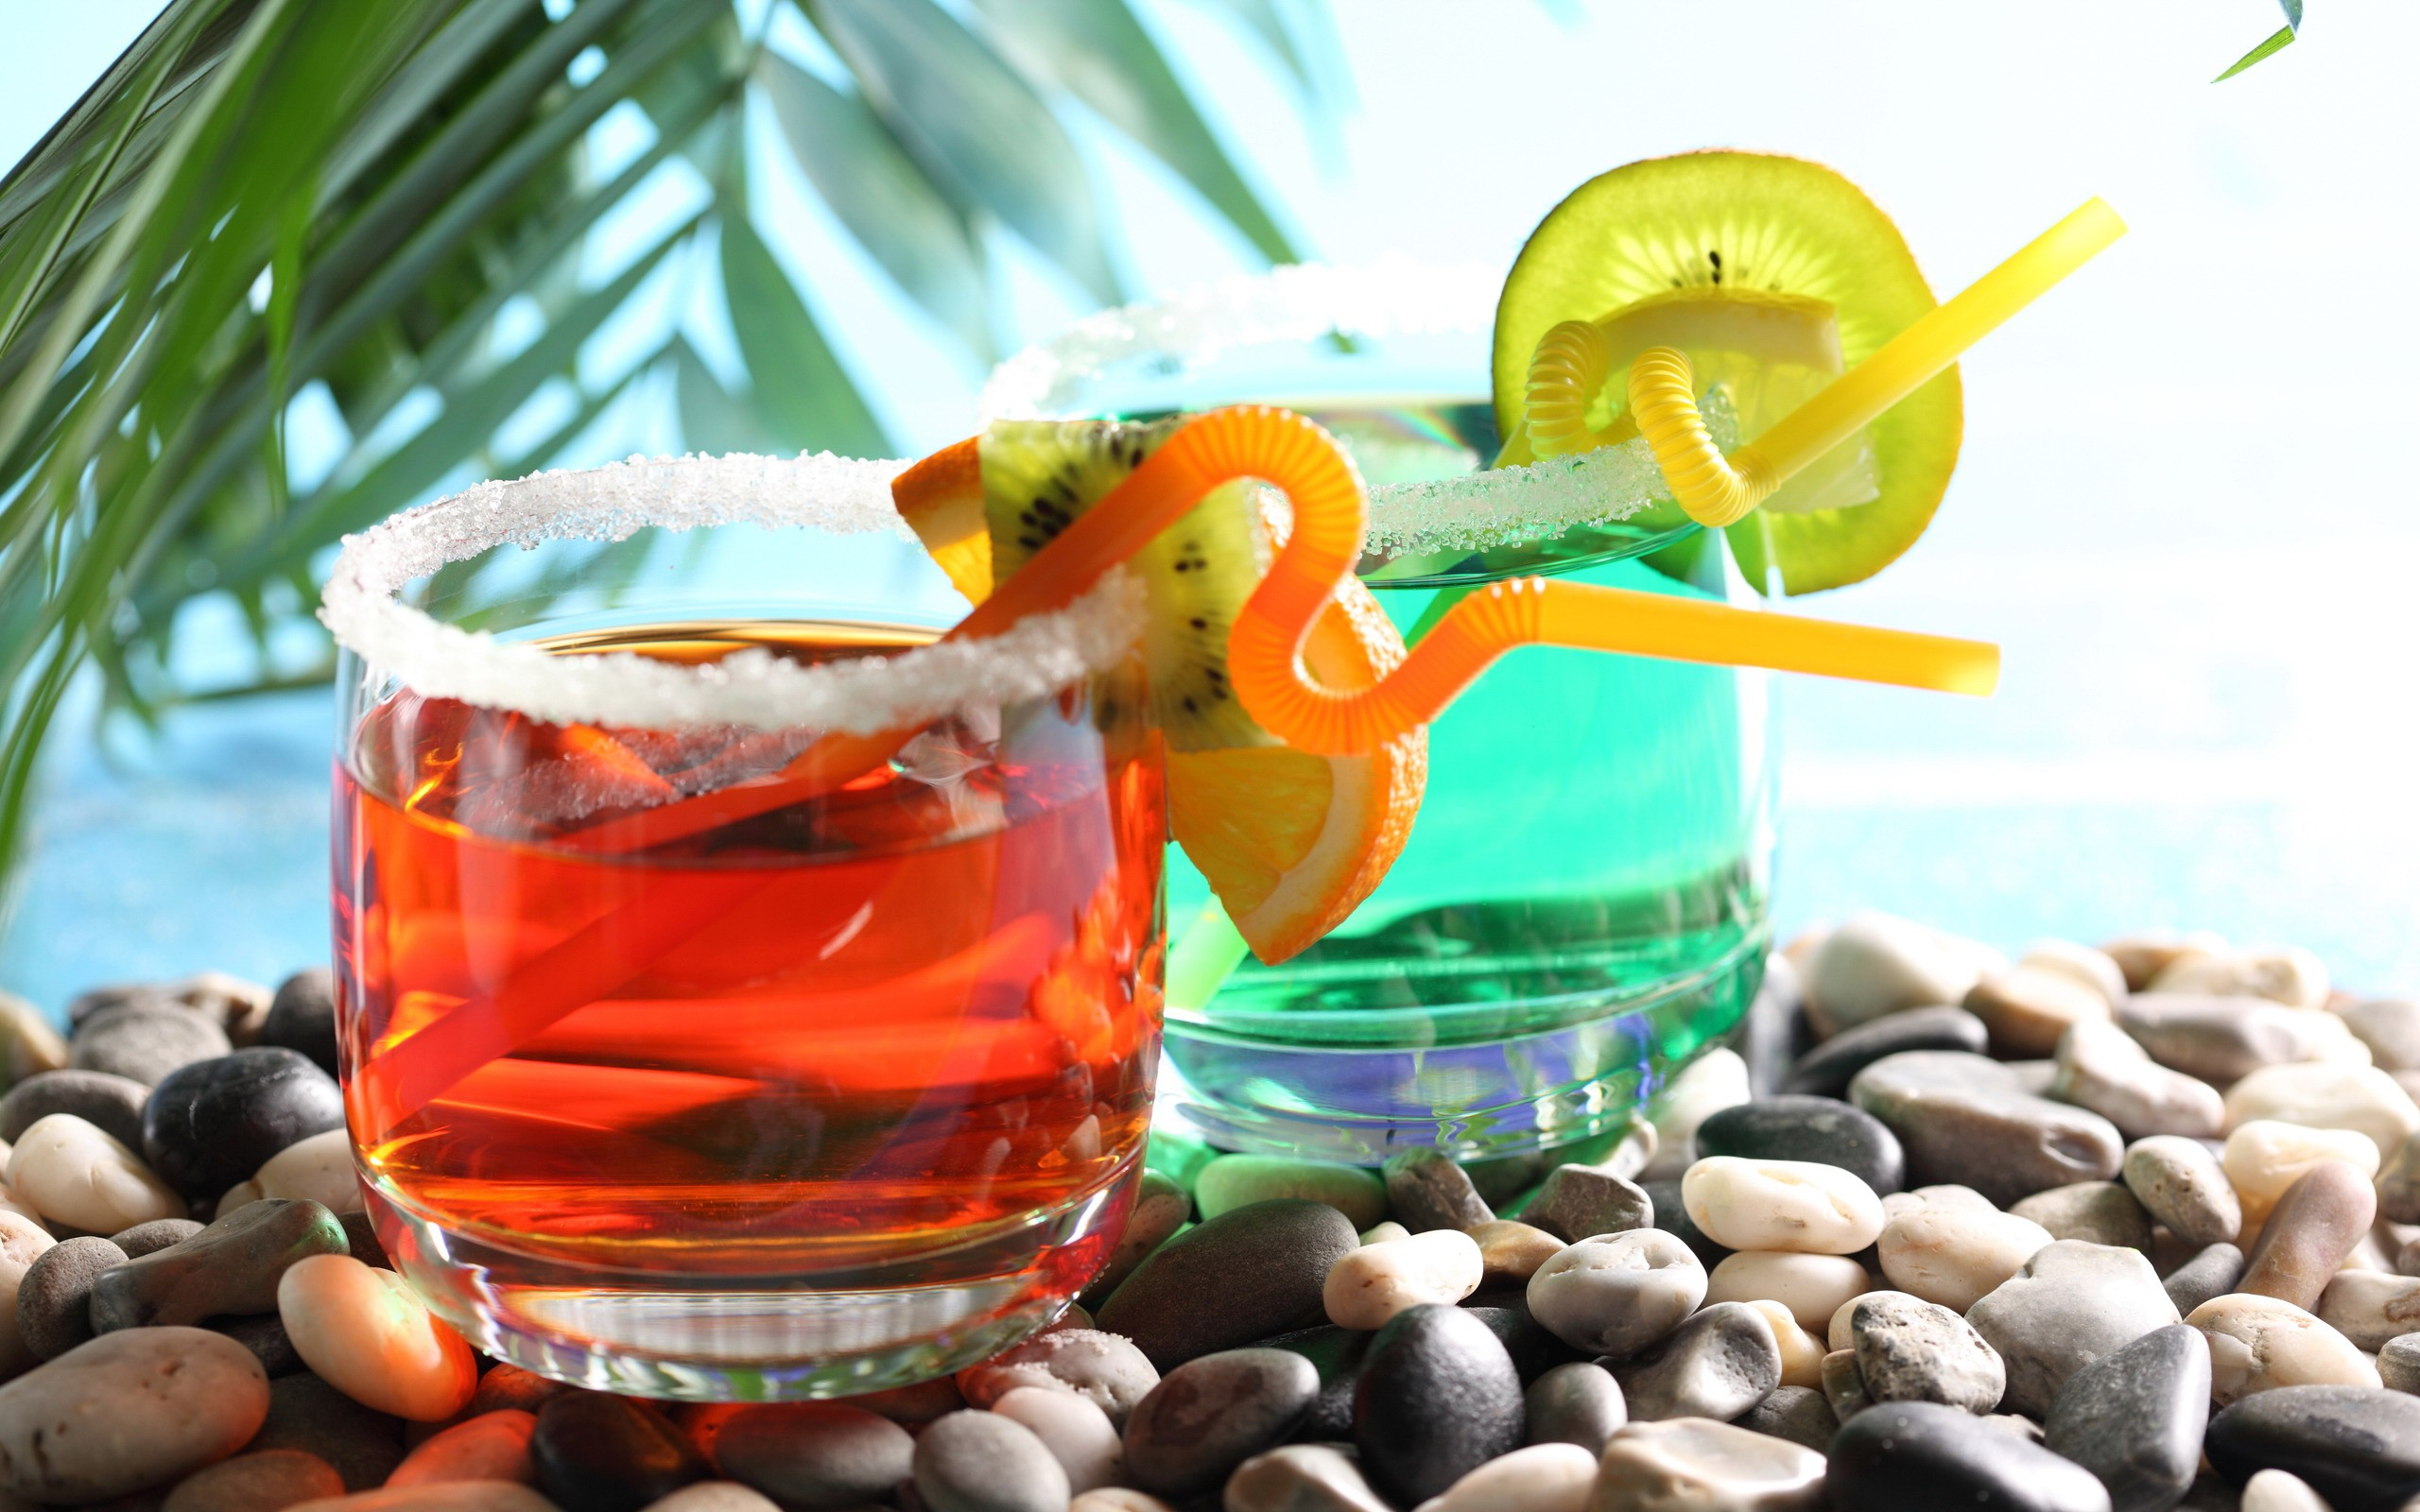 Bebidas y cocteles de colores - 2560x1600